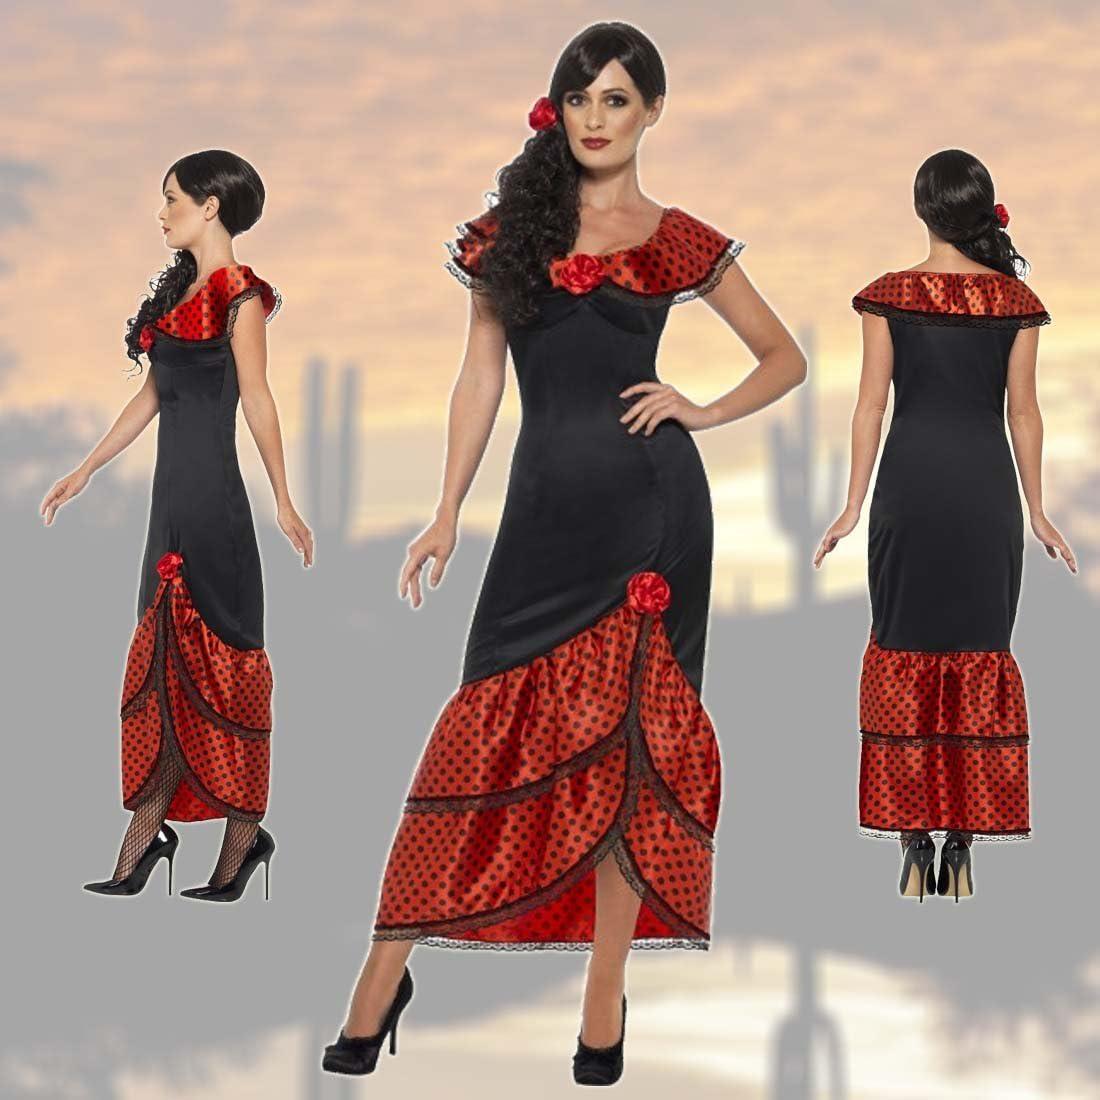 NET TOYS Vestido Flamenca Carmen Traje típico español S 36/38 Outfit señorita Ropa bailaora española Atuendo Andaluz Caracterización Carnaval Mujer: Amazon.es: Juguetes y juegos